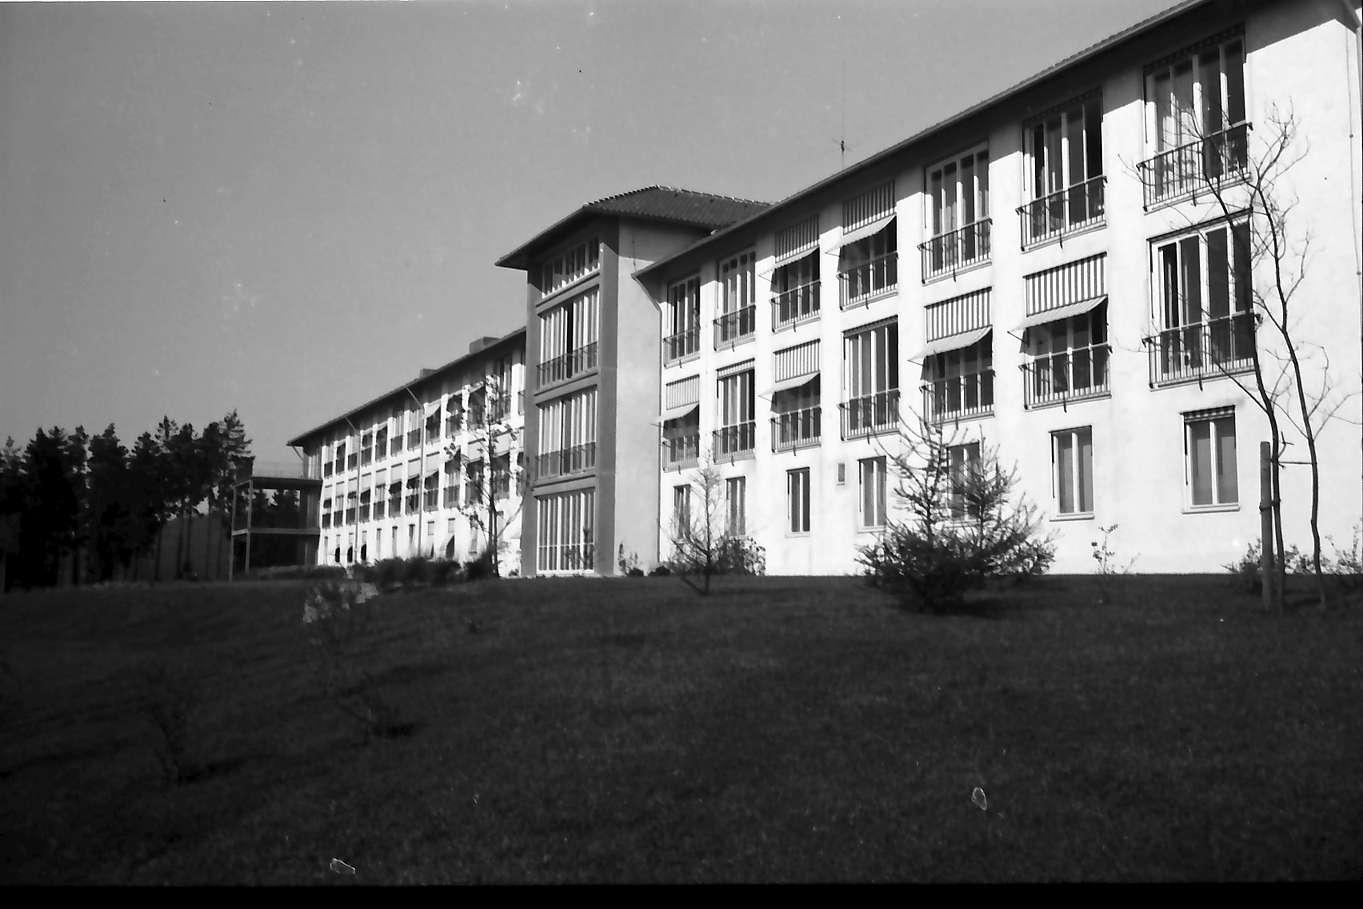 St. Georgen (Schwarzwald): Krankenhaus, Außenansicht, Bild 1